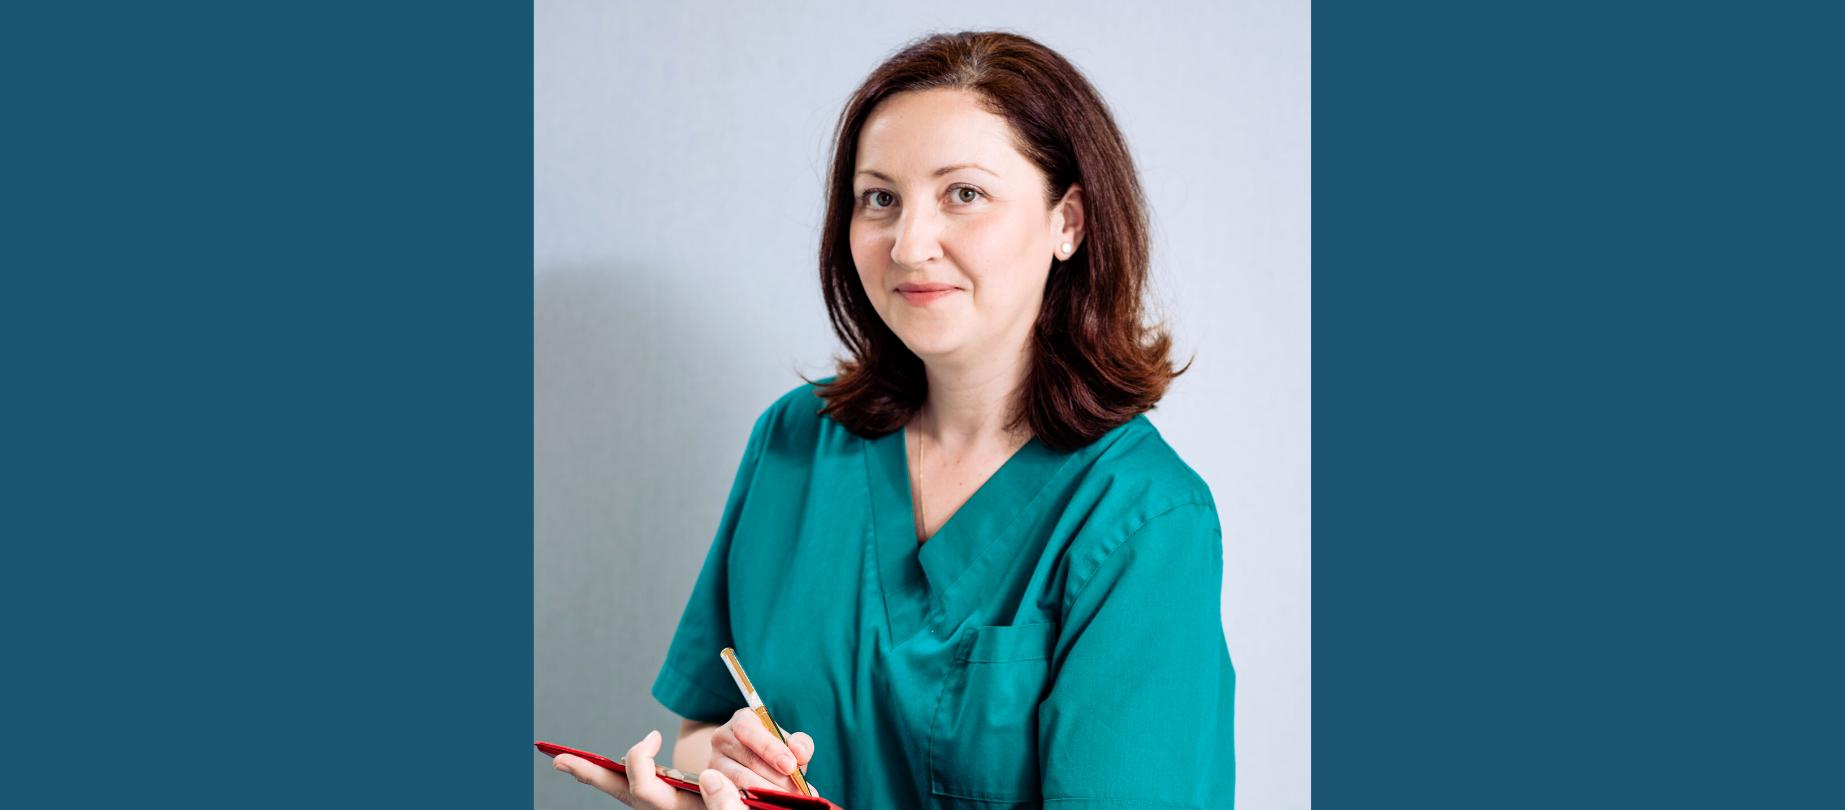 Dr. Claudia Creț Medic specialist oftalmolog